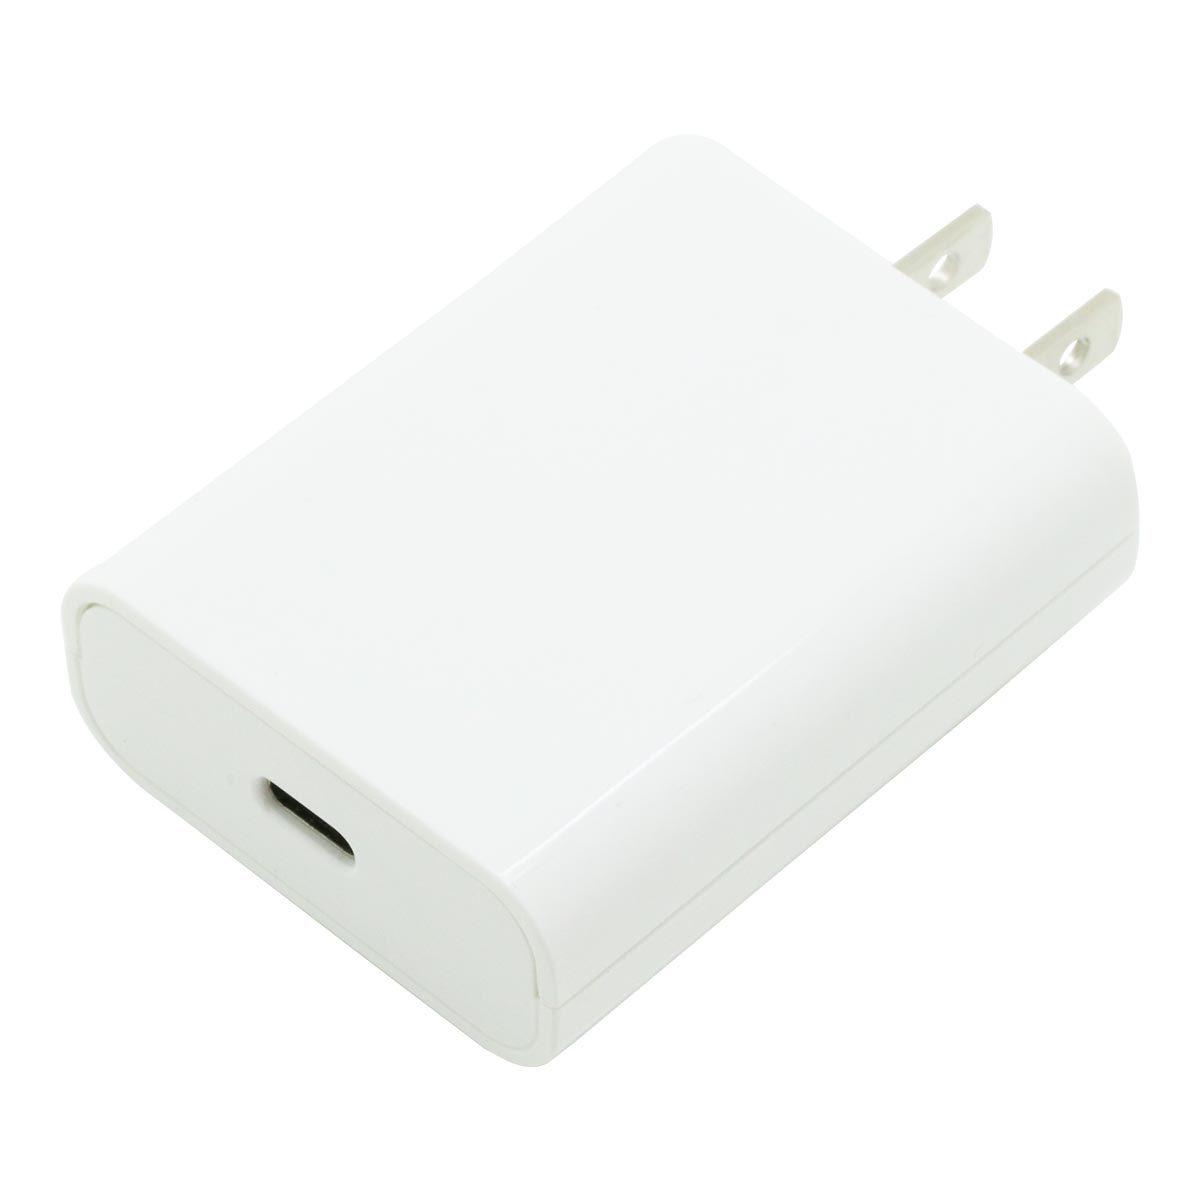 エコパッケージ版PD対応Type-Cポート平型AC充電器20W